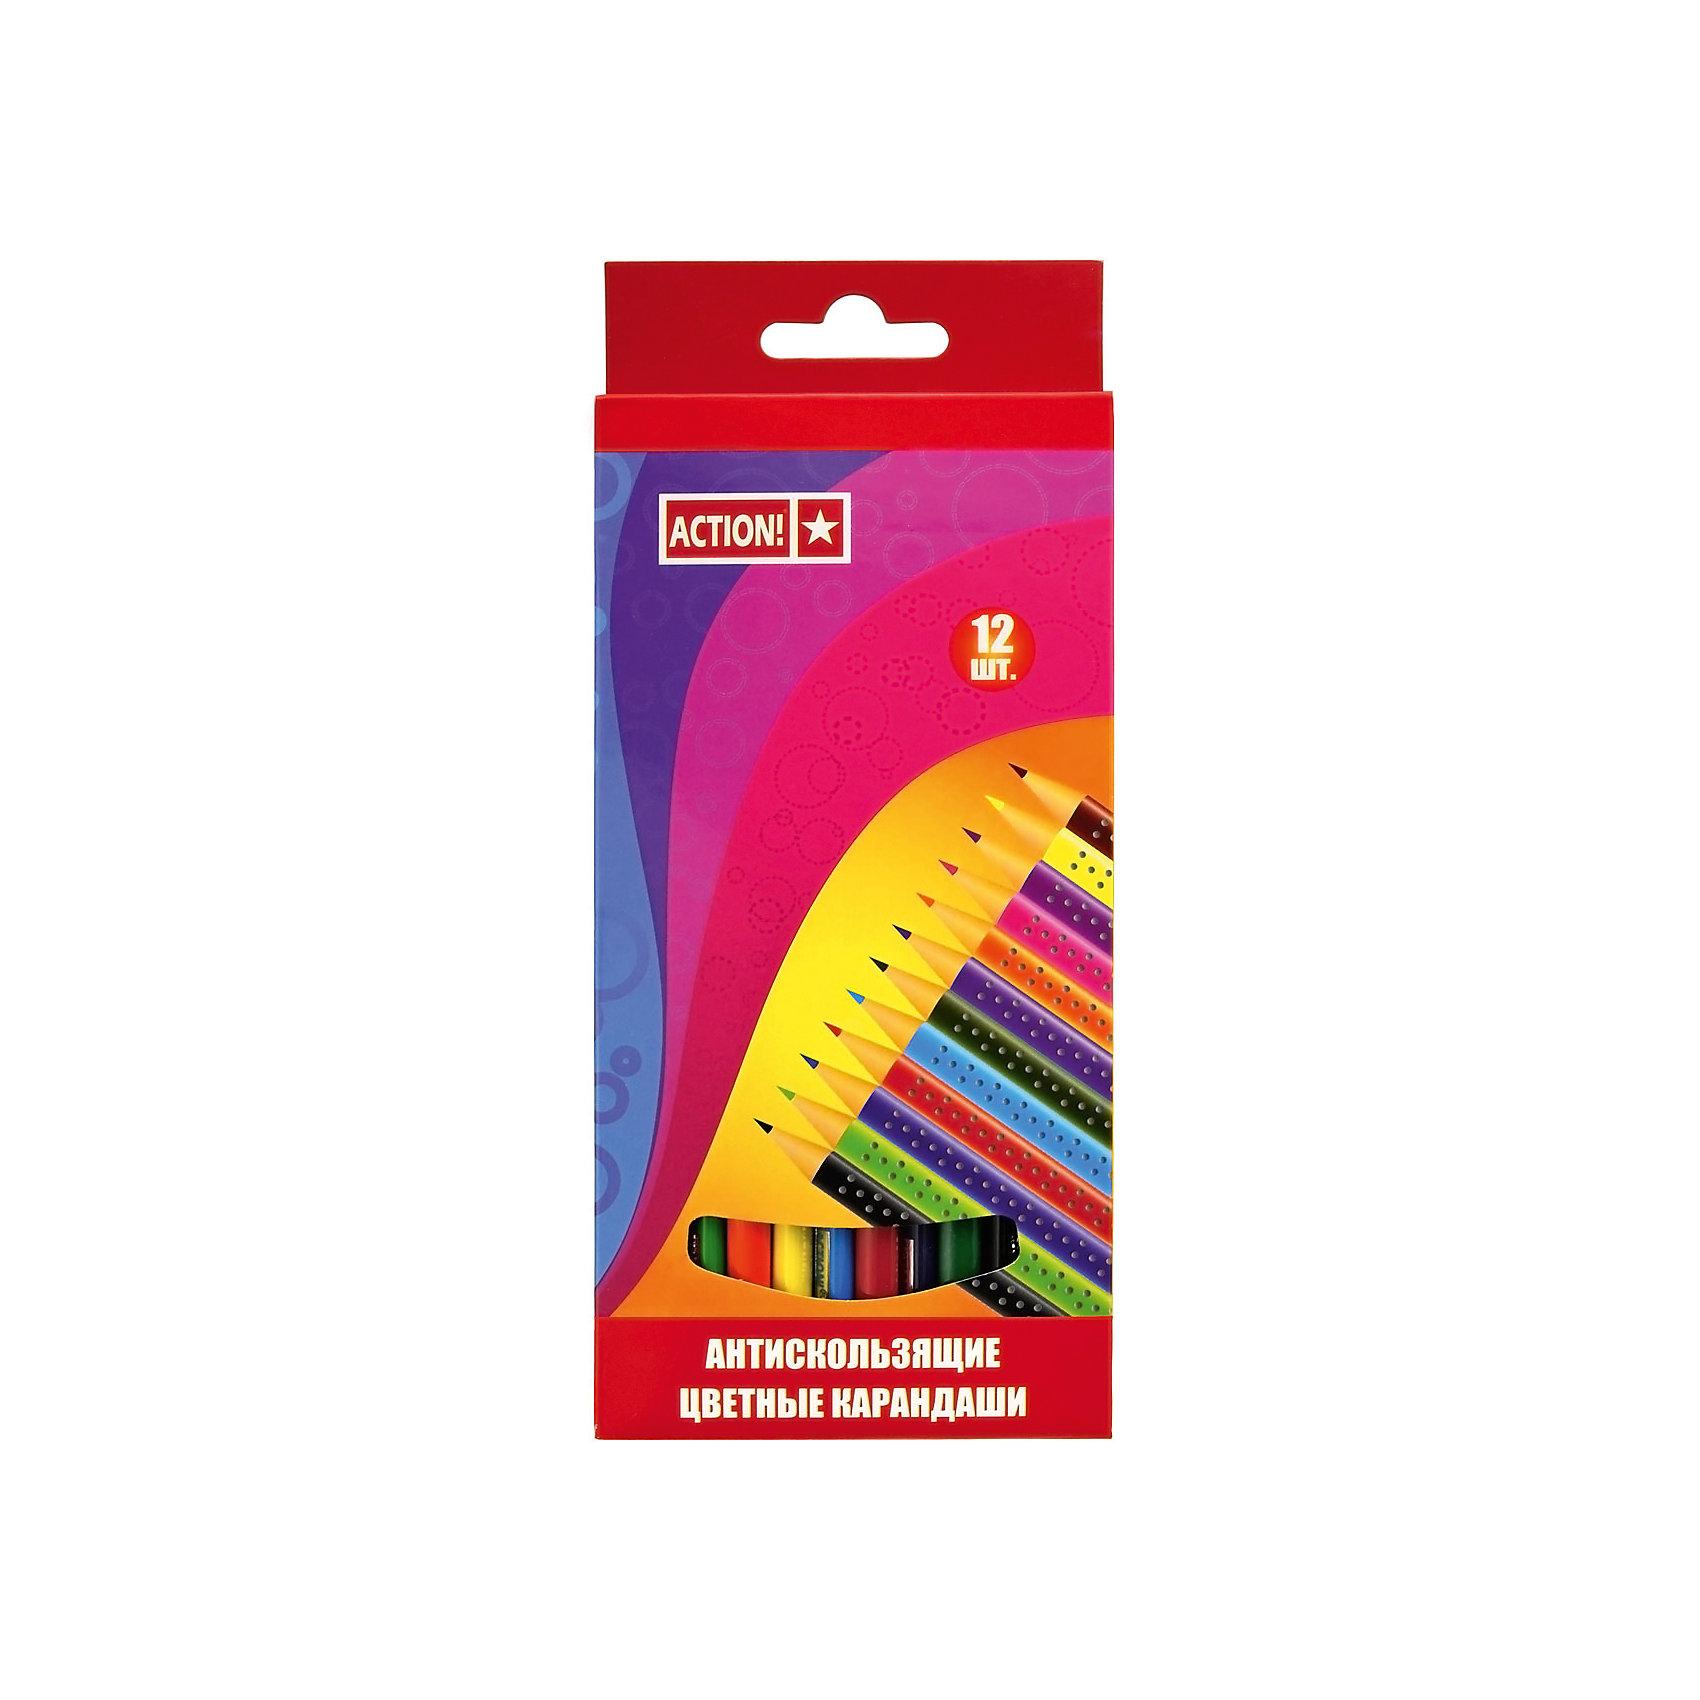 ACTION! Набор карандашей 12цв, трехгранных, антискользящихПисьменные принадлежности<br>Характеристики товара:<br><br>• в комплекте: 12 карандашей ( 12 цветов);<br>• нескользящая поверхность;<br>• размер упаковки: 1х12х17 см;<br>• вес: 81 грамм;<br>• возраст: от 3 лет.<br><br>Цветные карандаши ACTION! выполнены в ярких цветах. Благодаря улучшенному грифелю они оставляют мягкие, равномерные штрихи. Главная особенность карандашей - нескользящая поверхность. Карандаши подходят для рисования на бумаге, картоне и других поверхностях.<br><br>ACTION! (Экшен!) Набор карандашей 12цв, трехгранных, антискользящих можно купить в нашем интернет-магазине.<br><br>Ширина мм: 170<br>Глубина мм: 120<br>Высота мм: 10<br>Вес г: 81<br>Возраст от месяцев: 36<br>Возраст до месяцев: 168<br>Пол: Унисекс<br>Возраст: Детский<br>SKU: 6859027